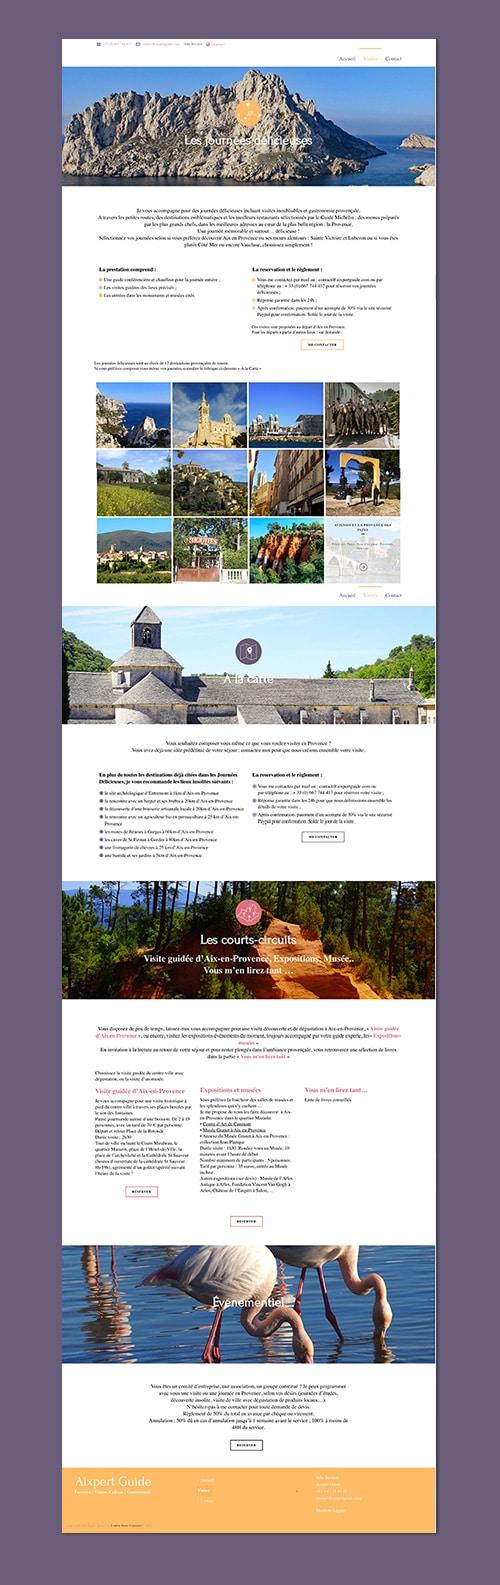 site-web-marseille-agence-webdesign-aixpert guide-aix en provence graphiste